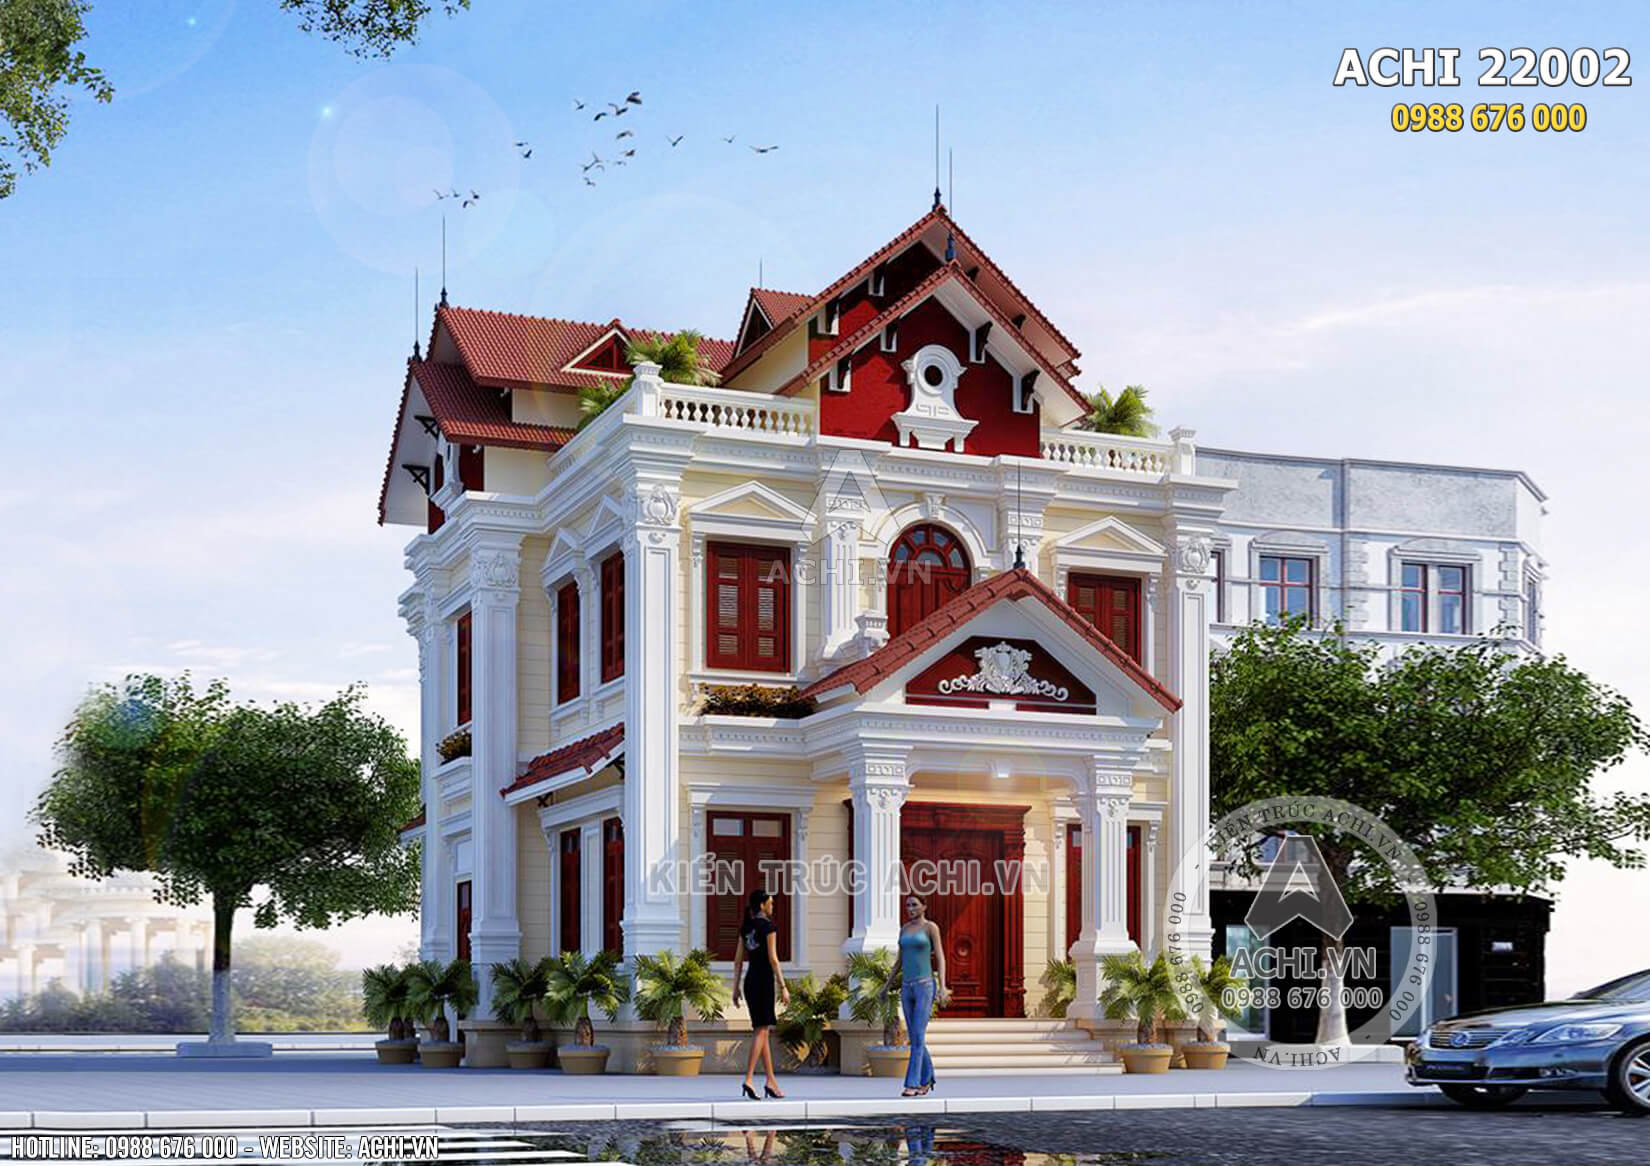 Phối cảnh tổng thể của mẫu biệt thự kiến trúc Pháp 2 tầng đẹp - Mã số: AChi22002